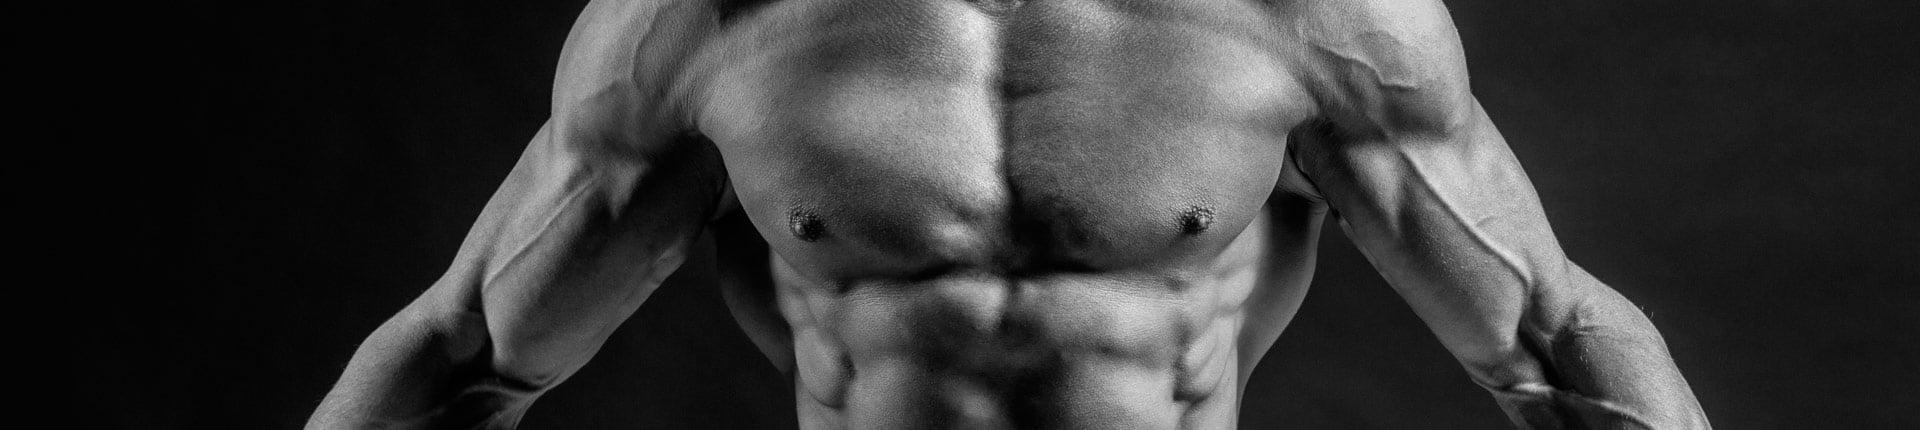 """Co obniża testosteron? Największe hamulce dla """"teścia"""""""